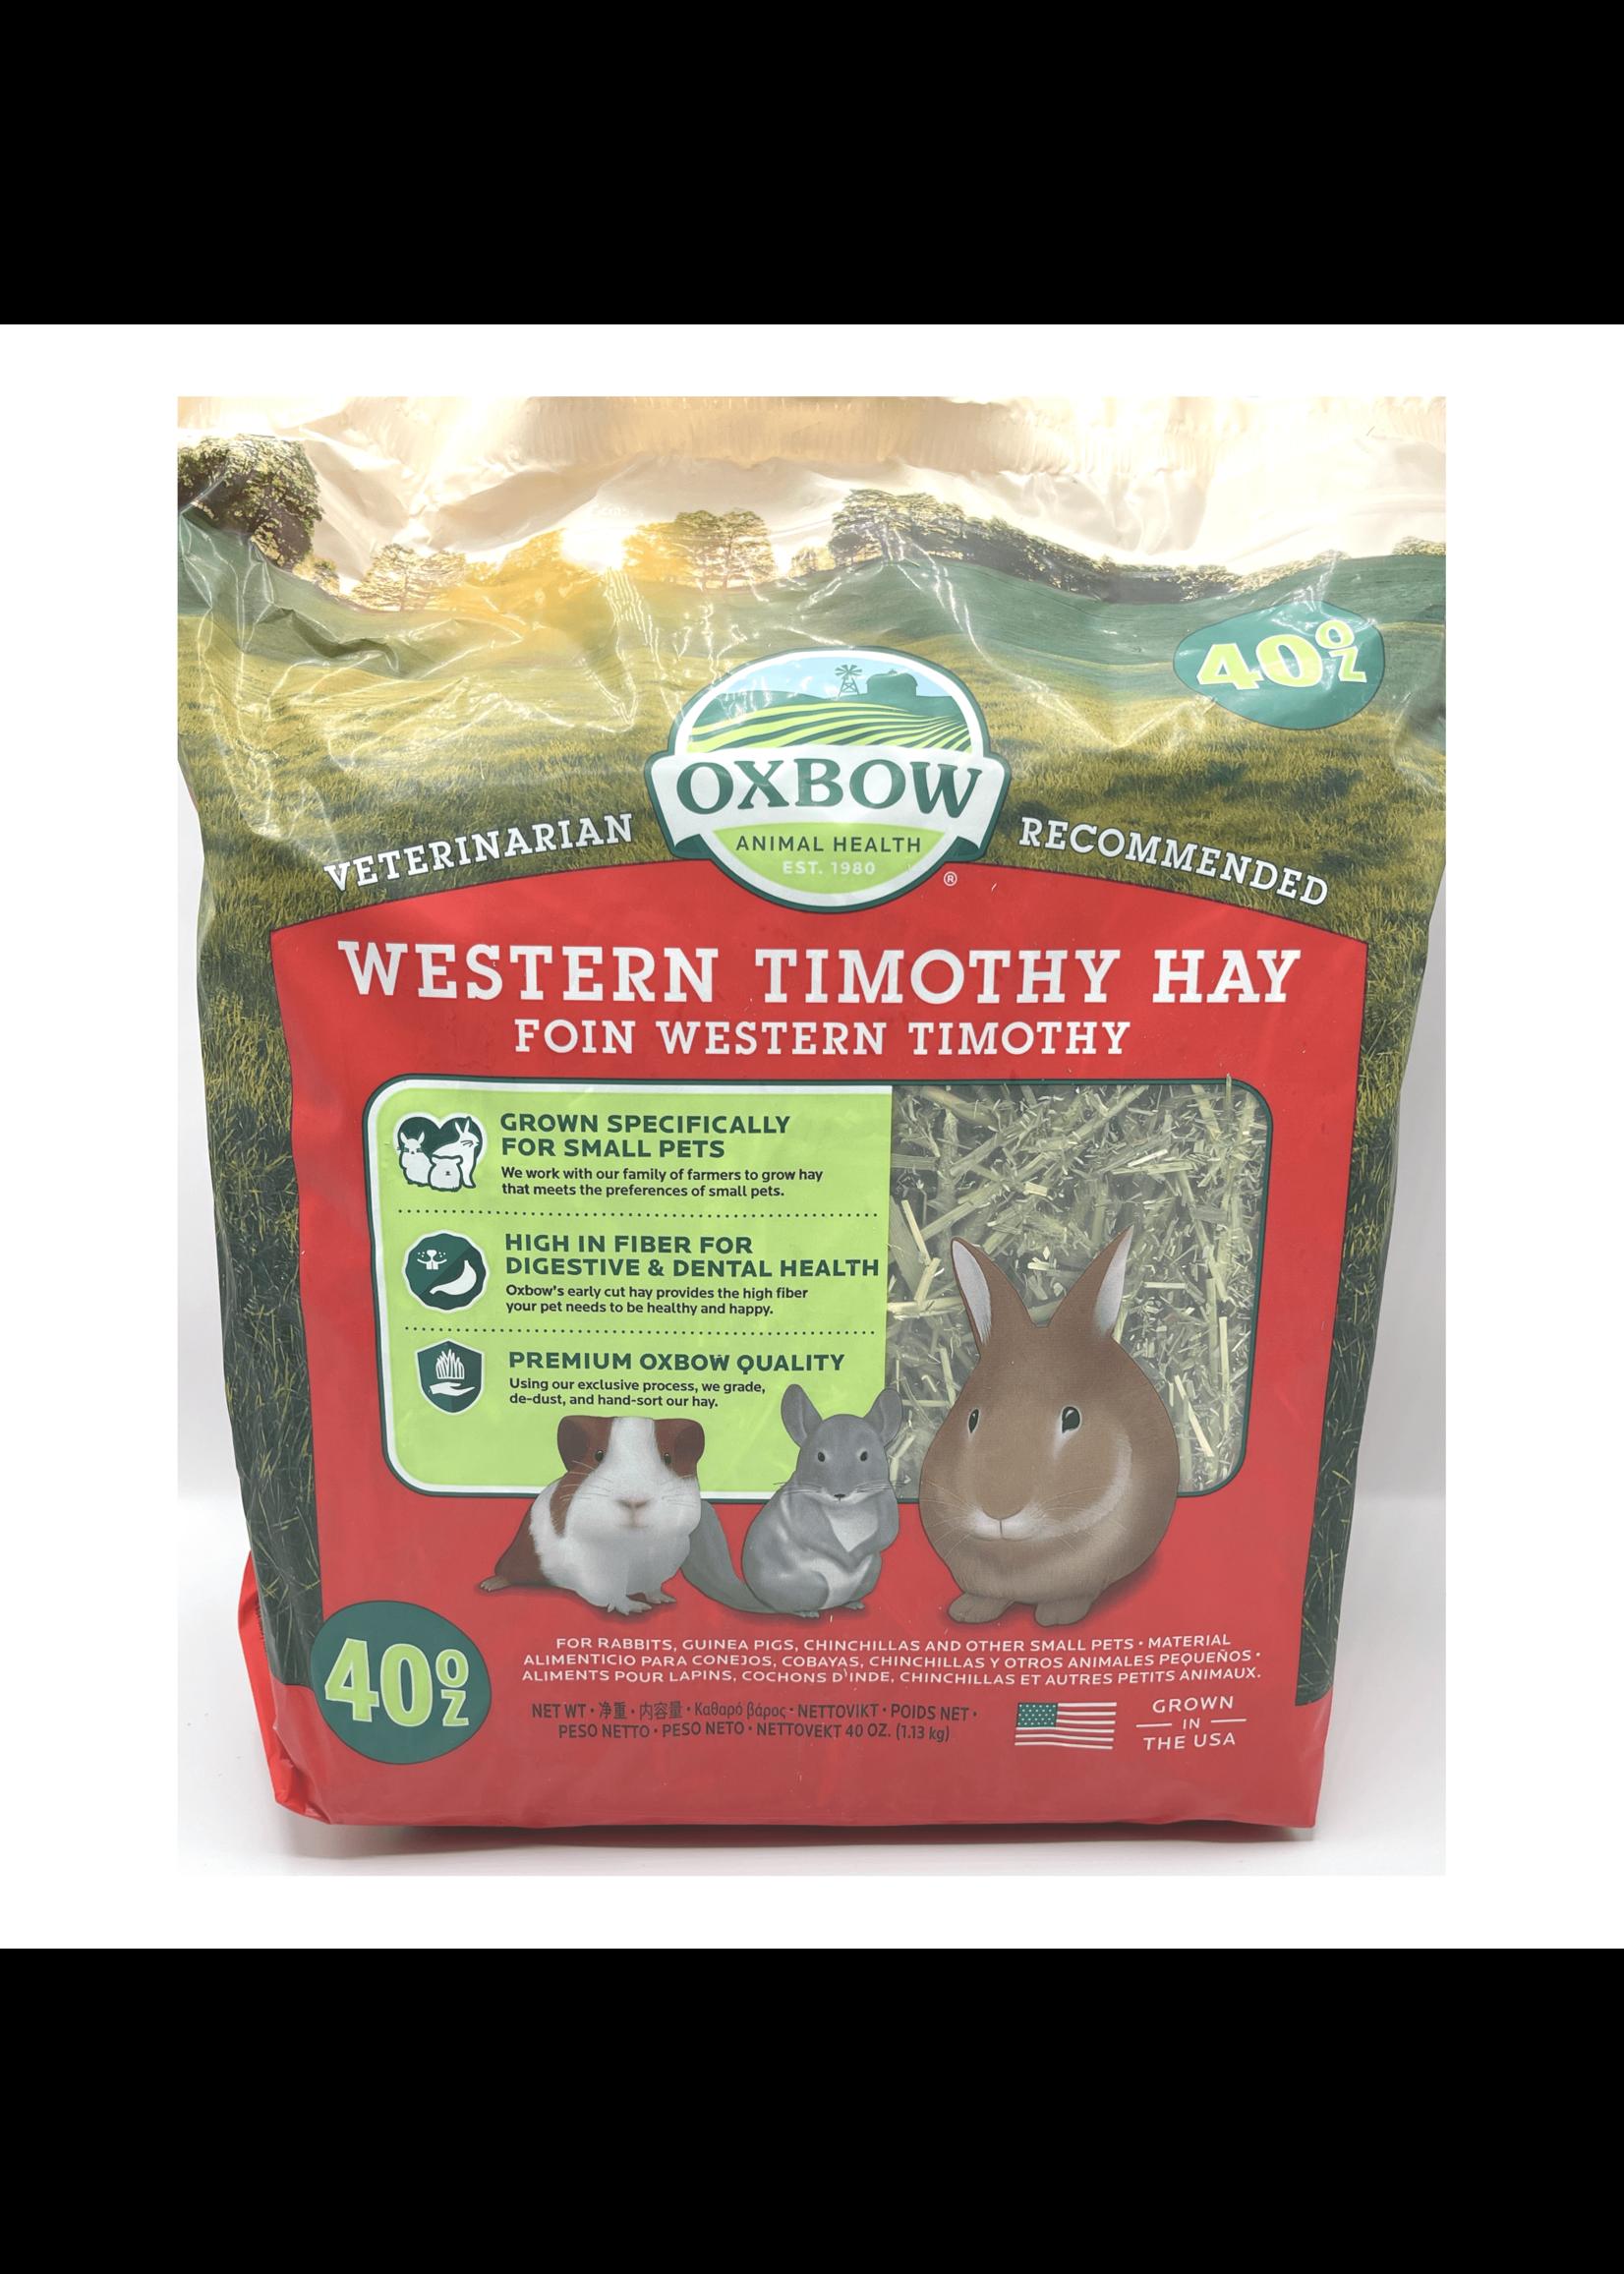 Oxbow Oxbow Western Timothy Hay, 40oz